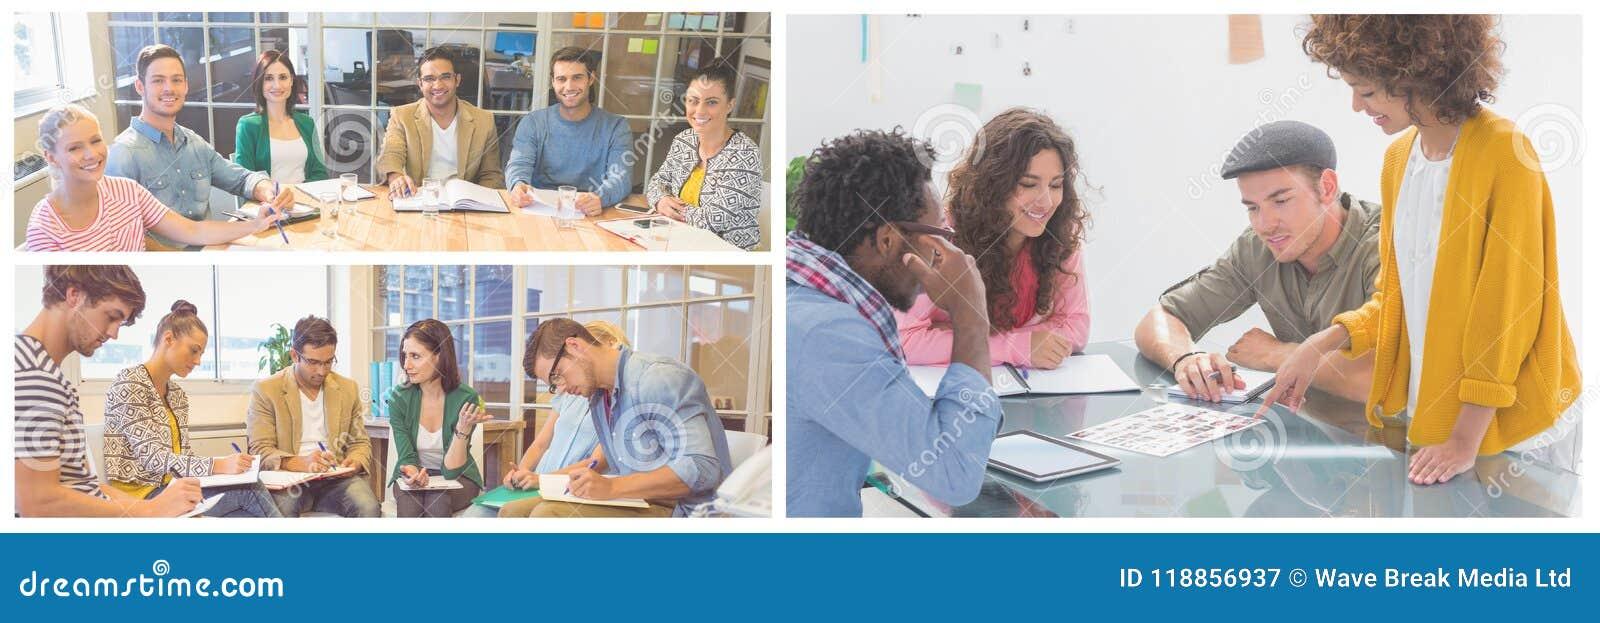 De collage van de groepswerkvergadering